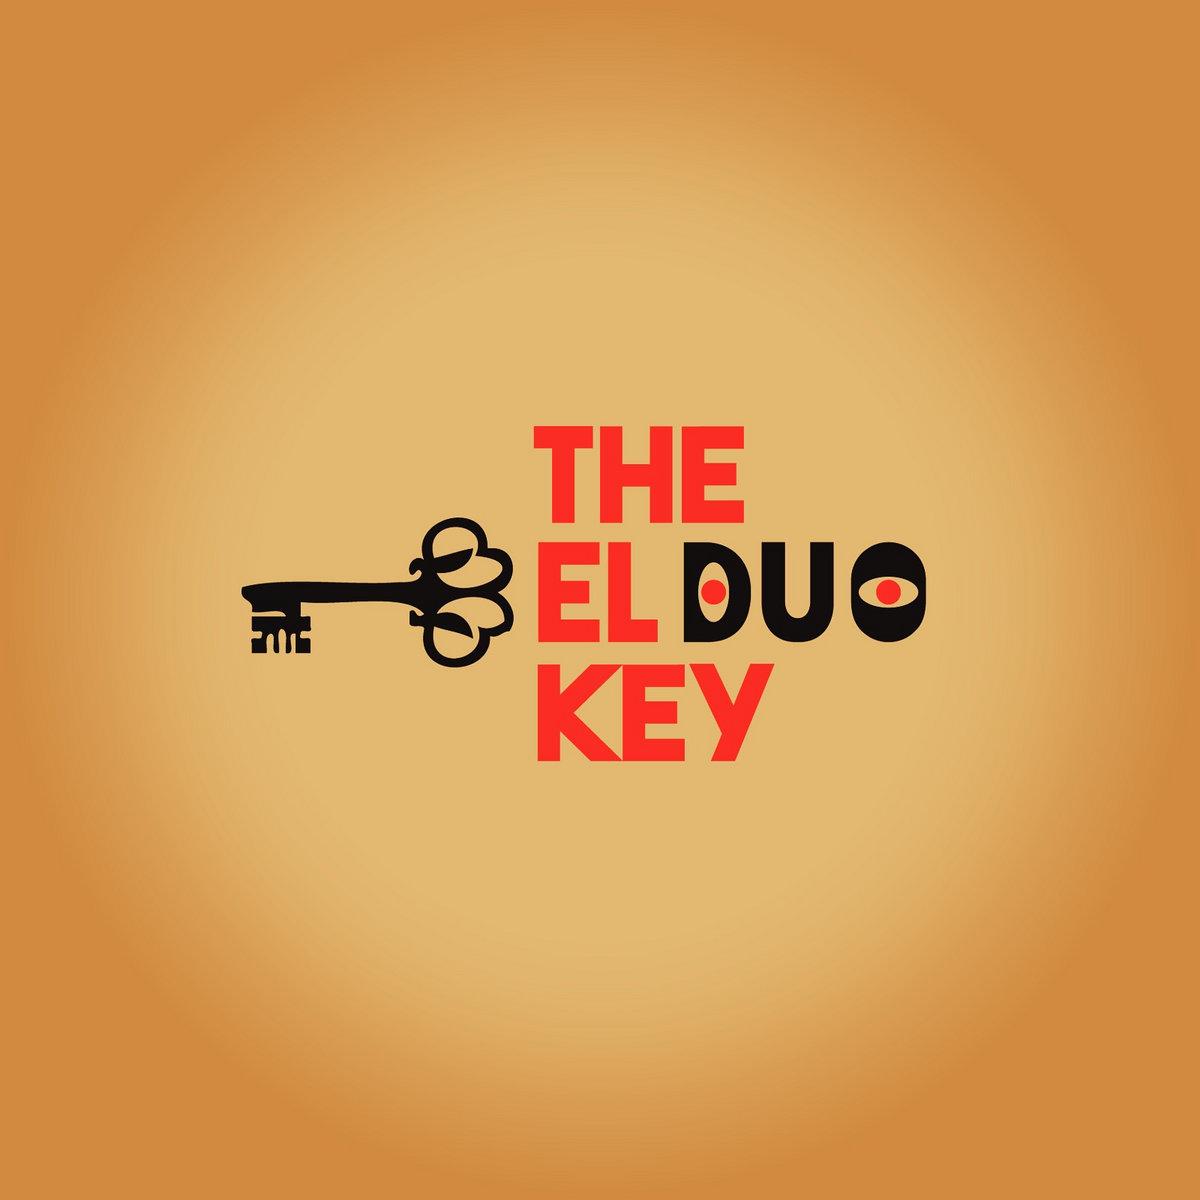 The El Key | El Duo